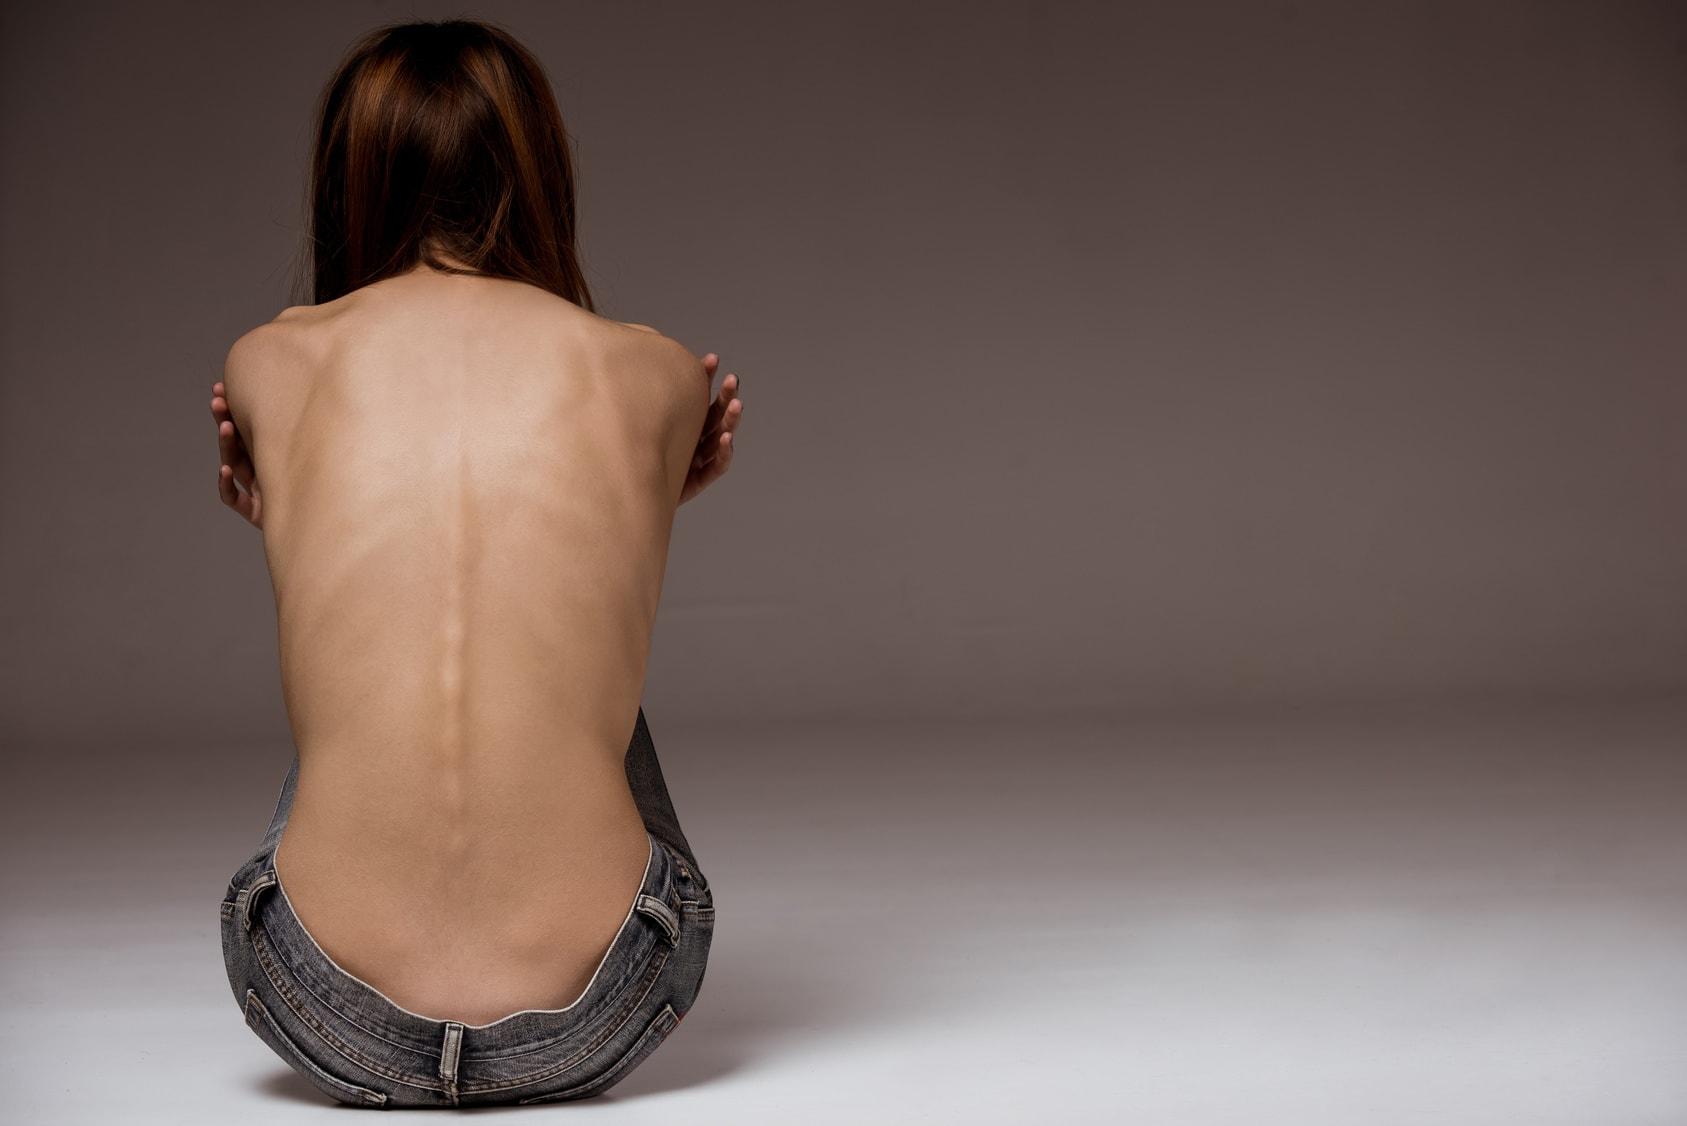 Gewicht Zunehmen - Psyche - Philip Baum Blog